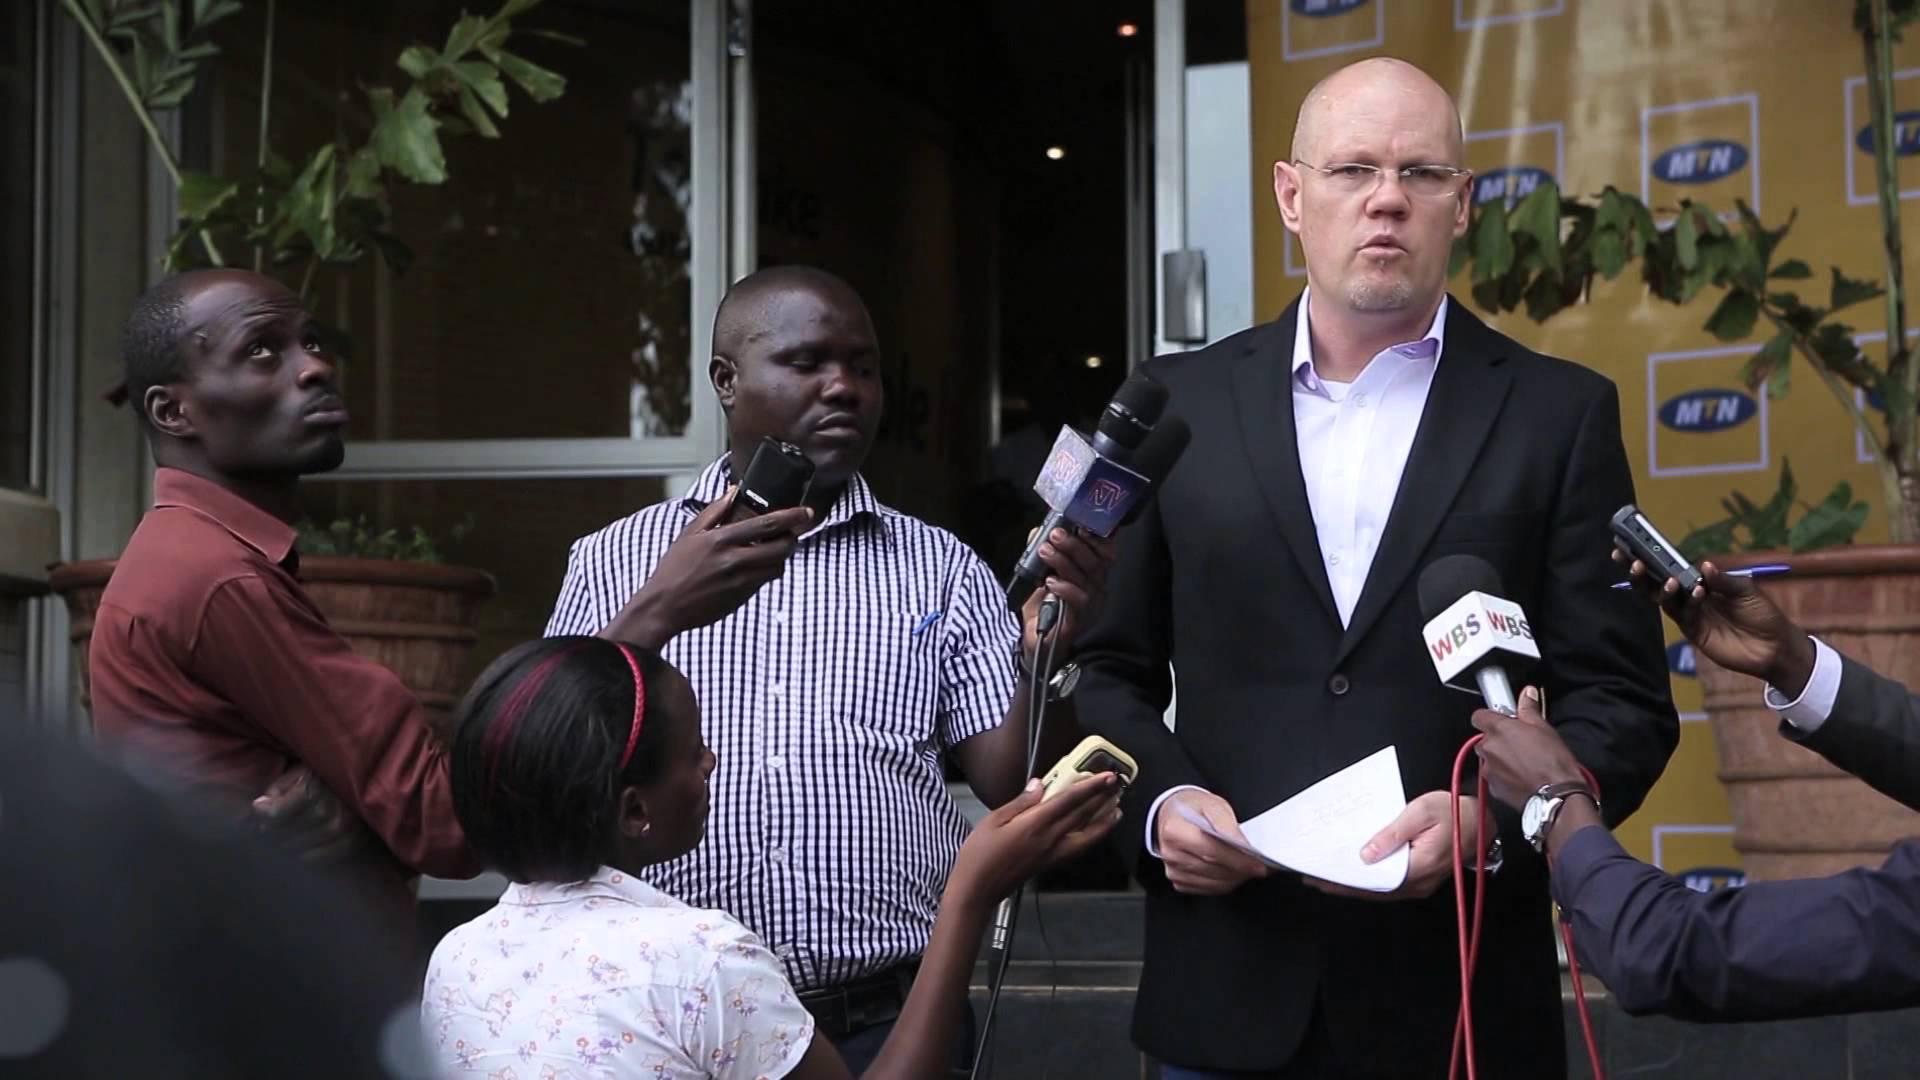 MTN Uganda CEO Brian Gouldie